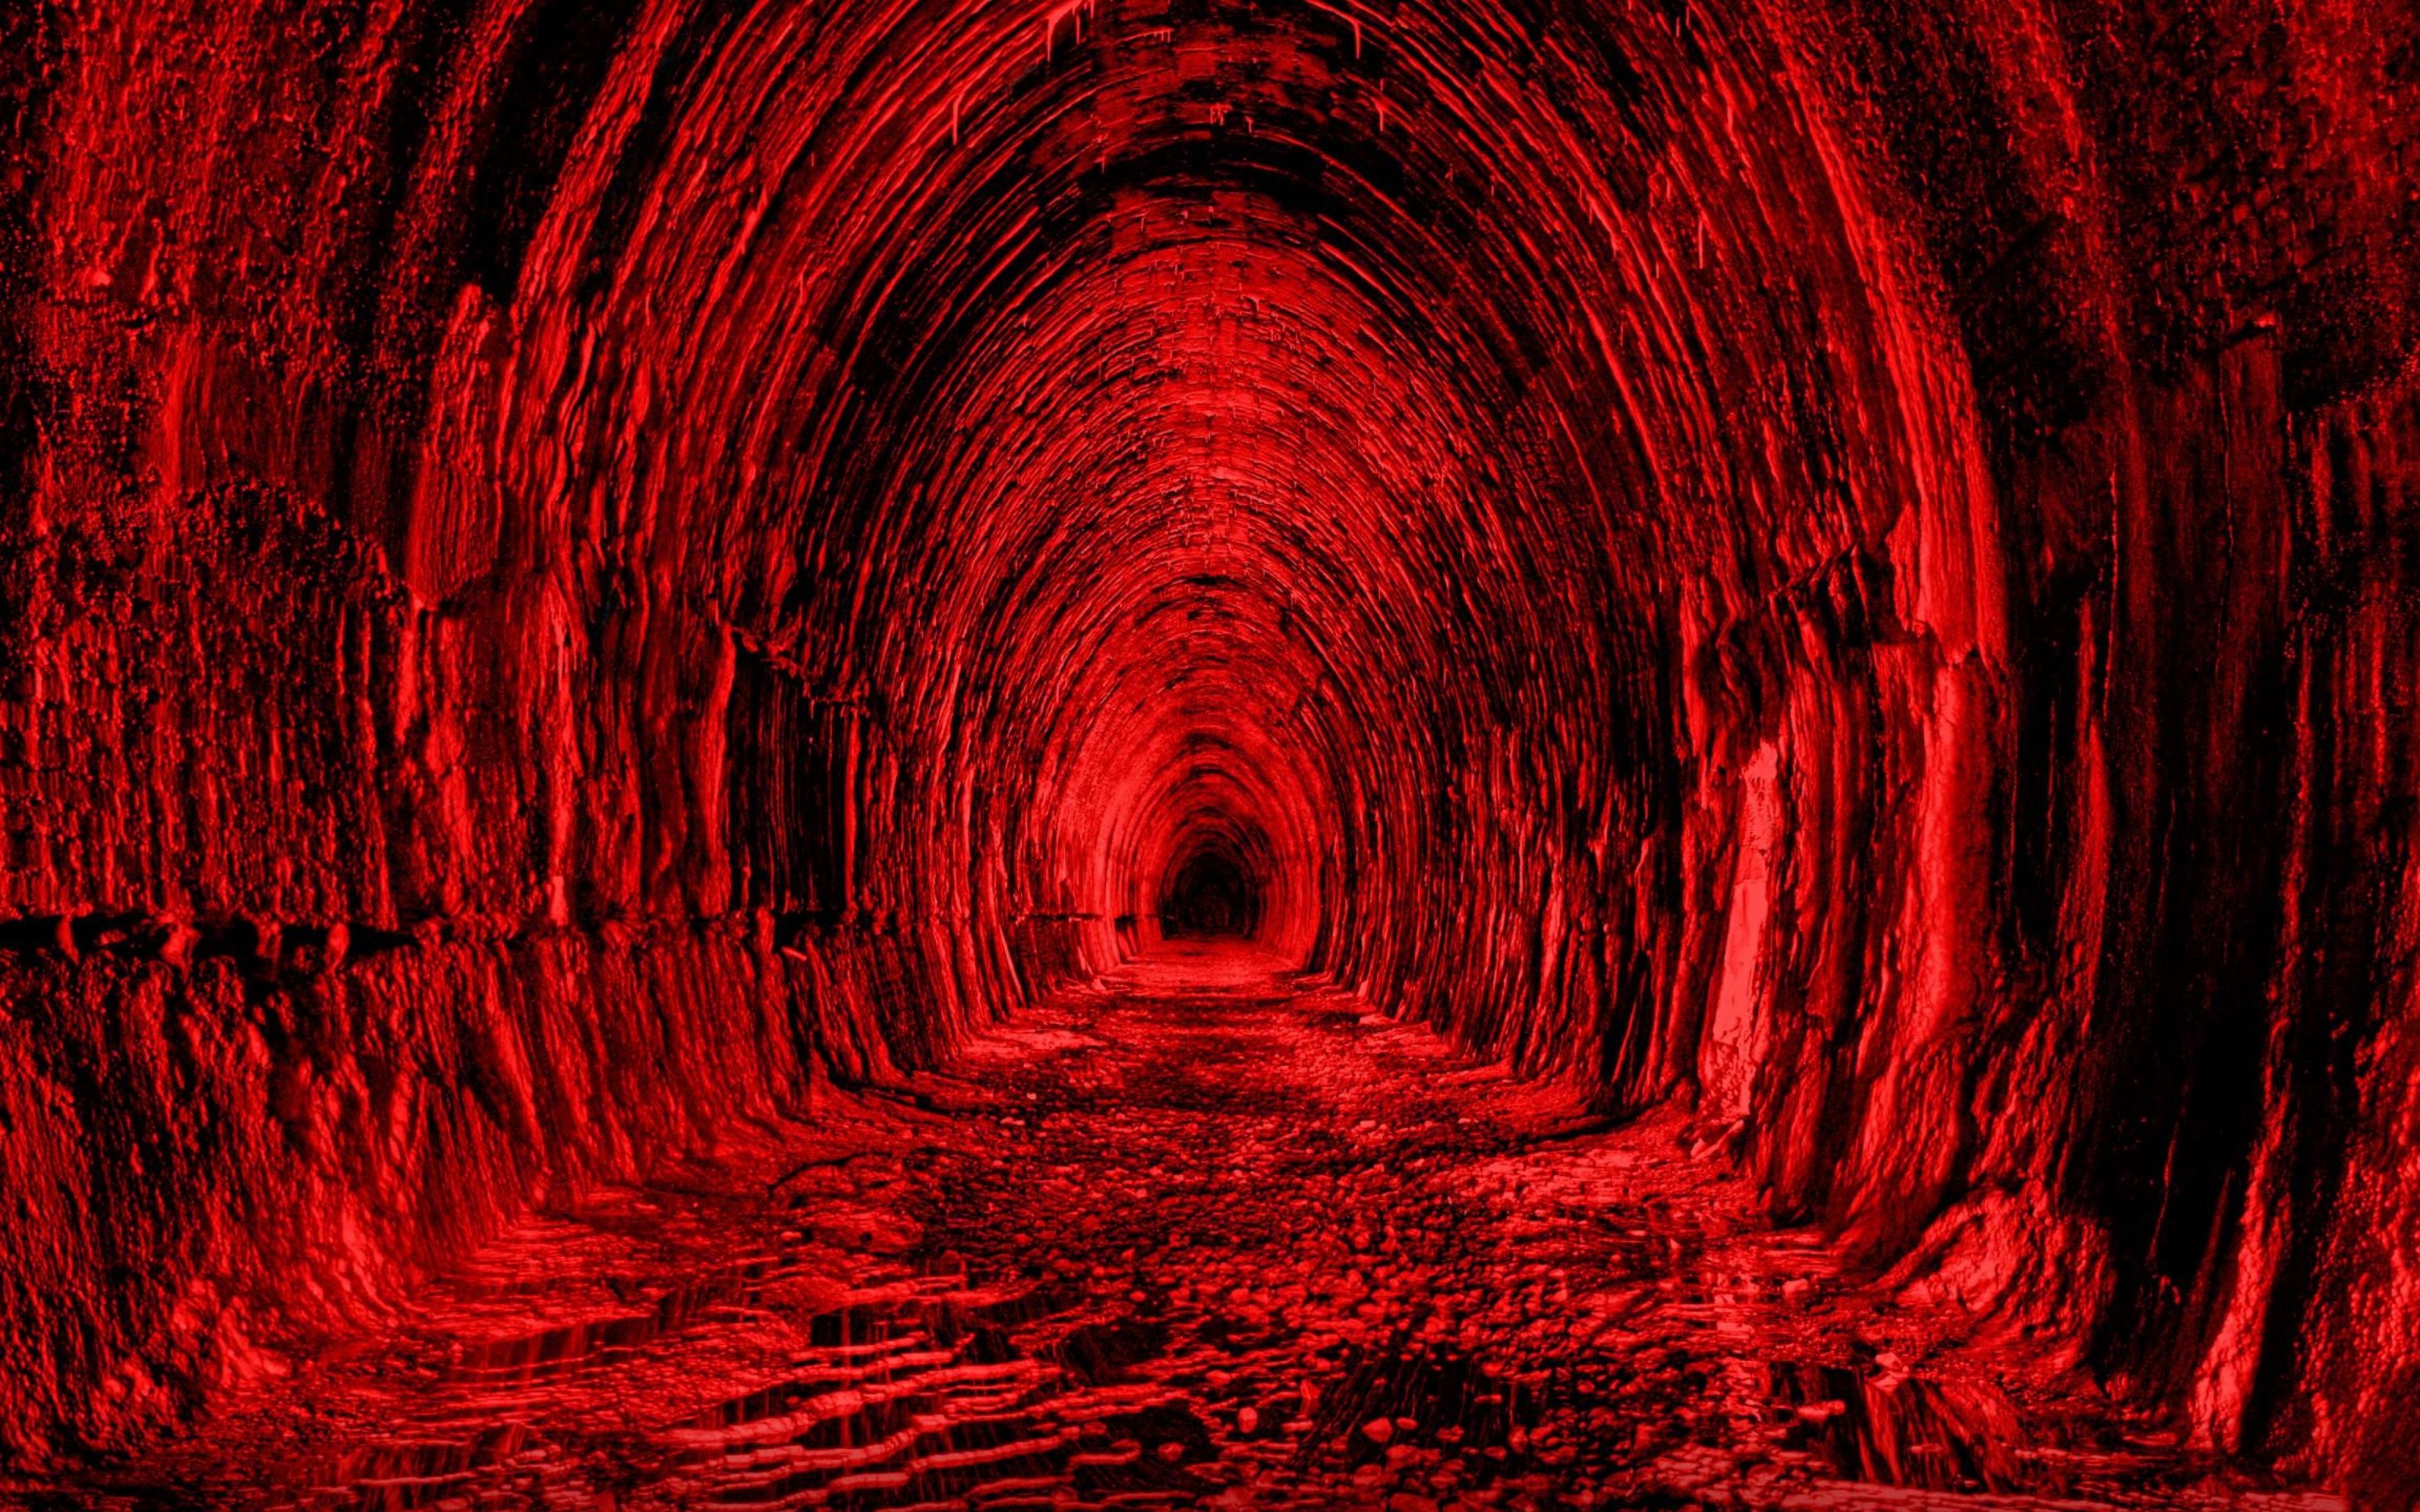 Download Wallpaper 3840x2400 Tunnel Red Black Light Ultra HD 4K HD 3840x2400